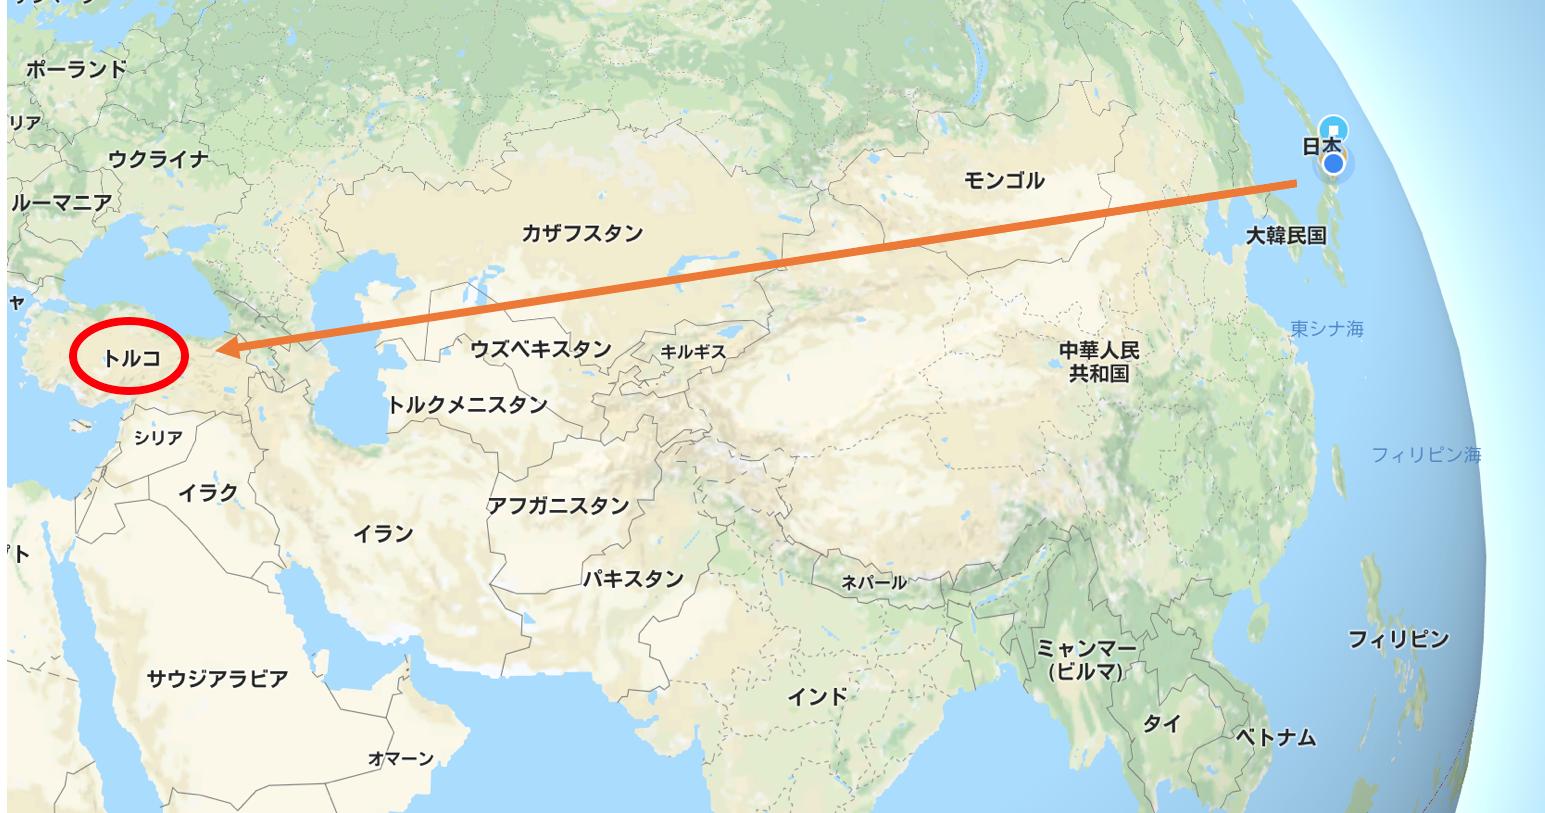 日本とトルコの地理的関係